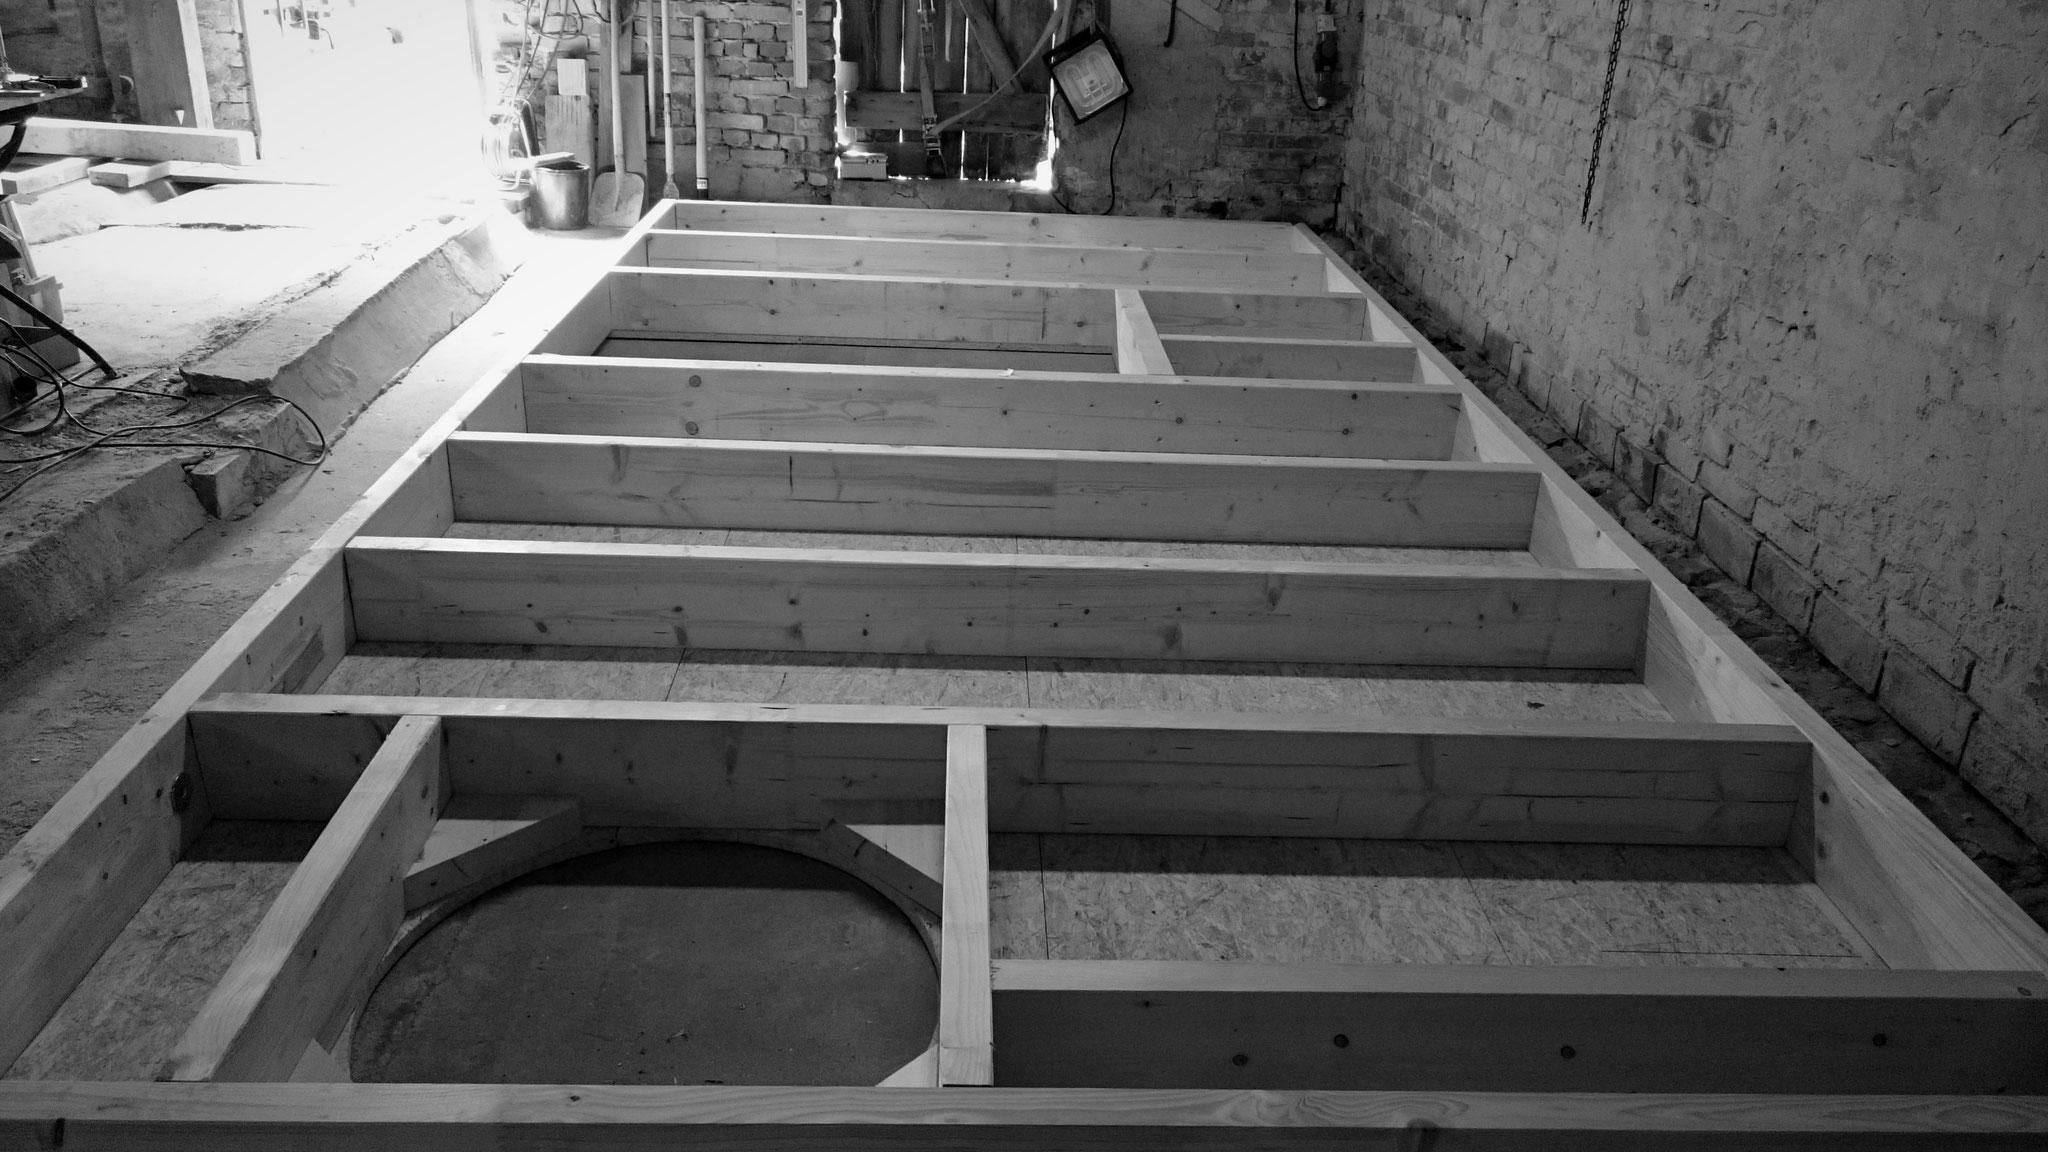 Abbund der Holzrahmenbauwände wetterunabhänig unter Dach